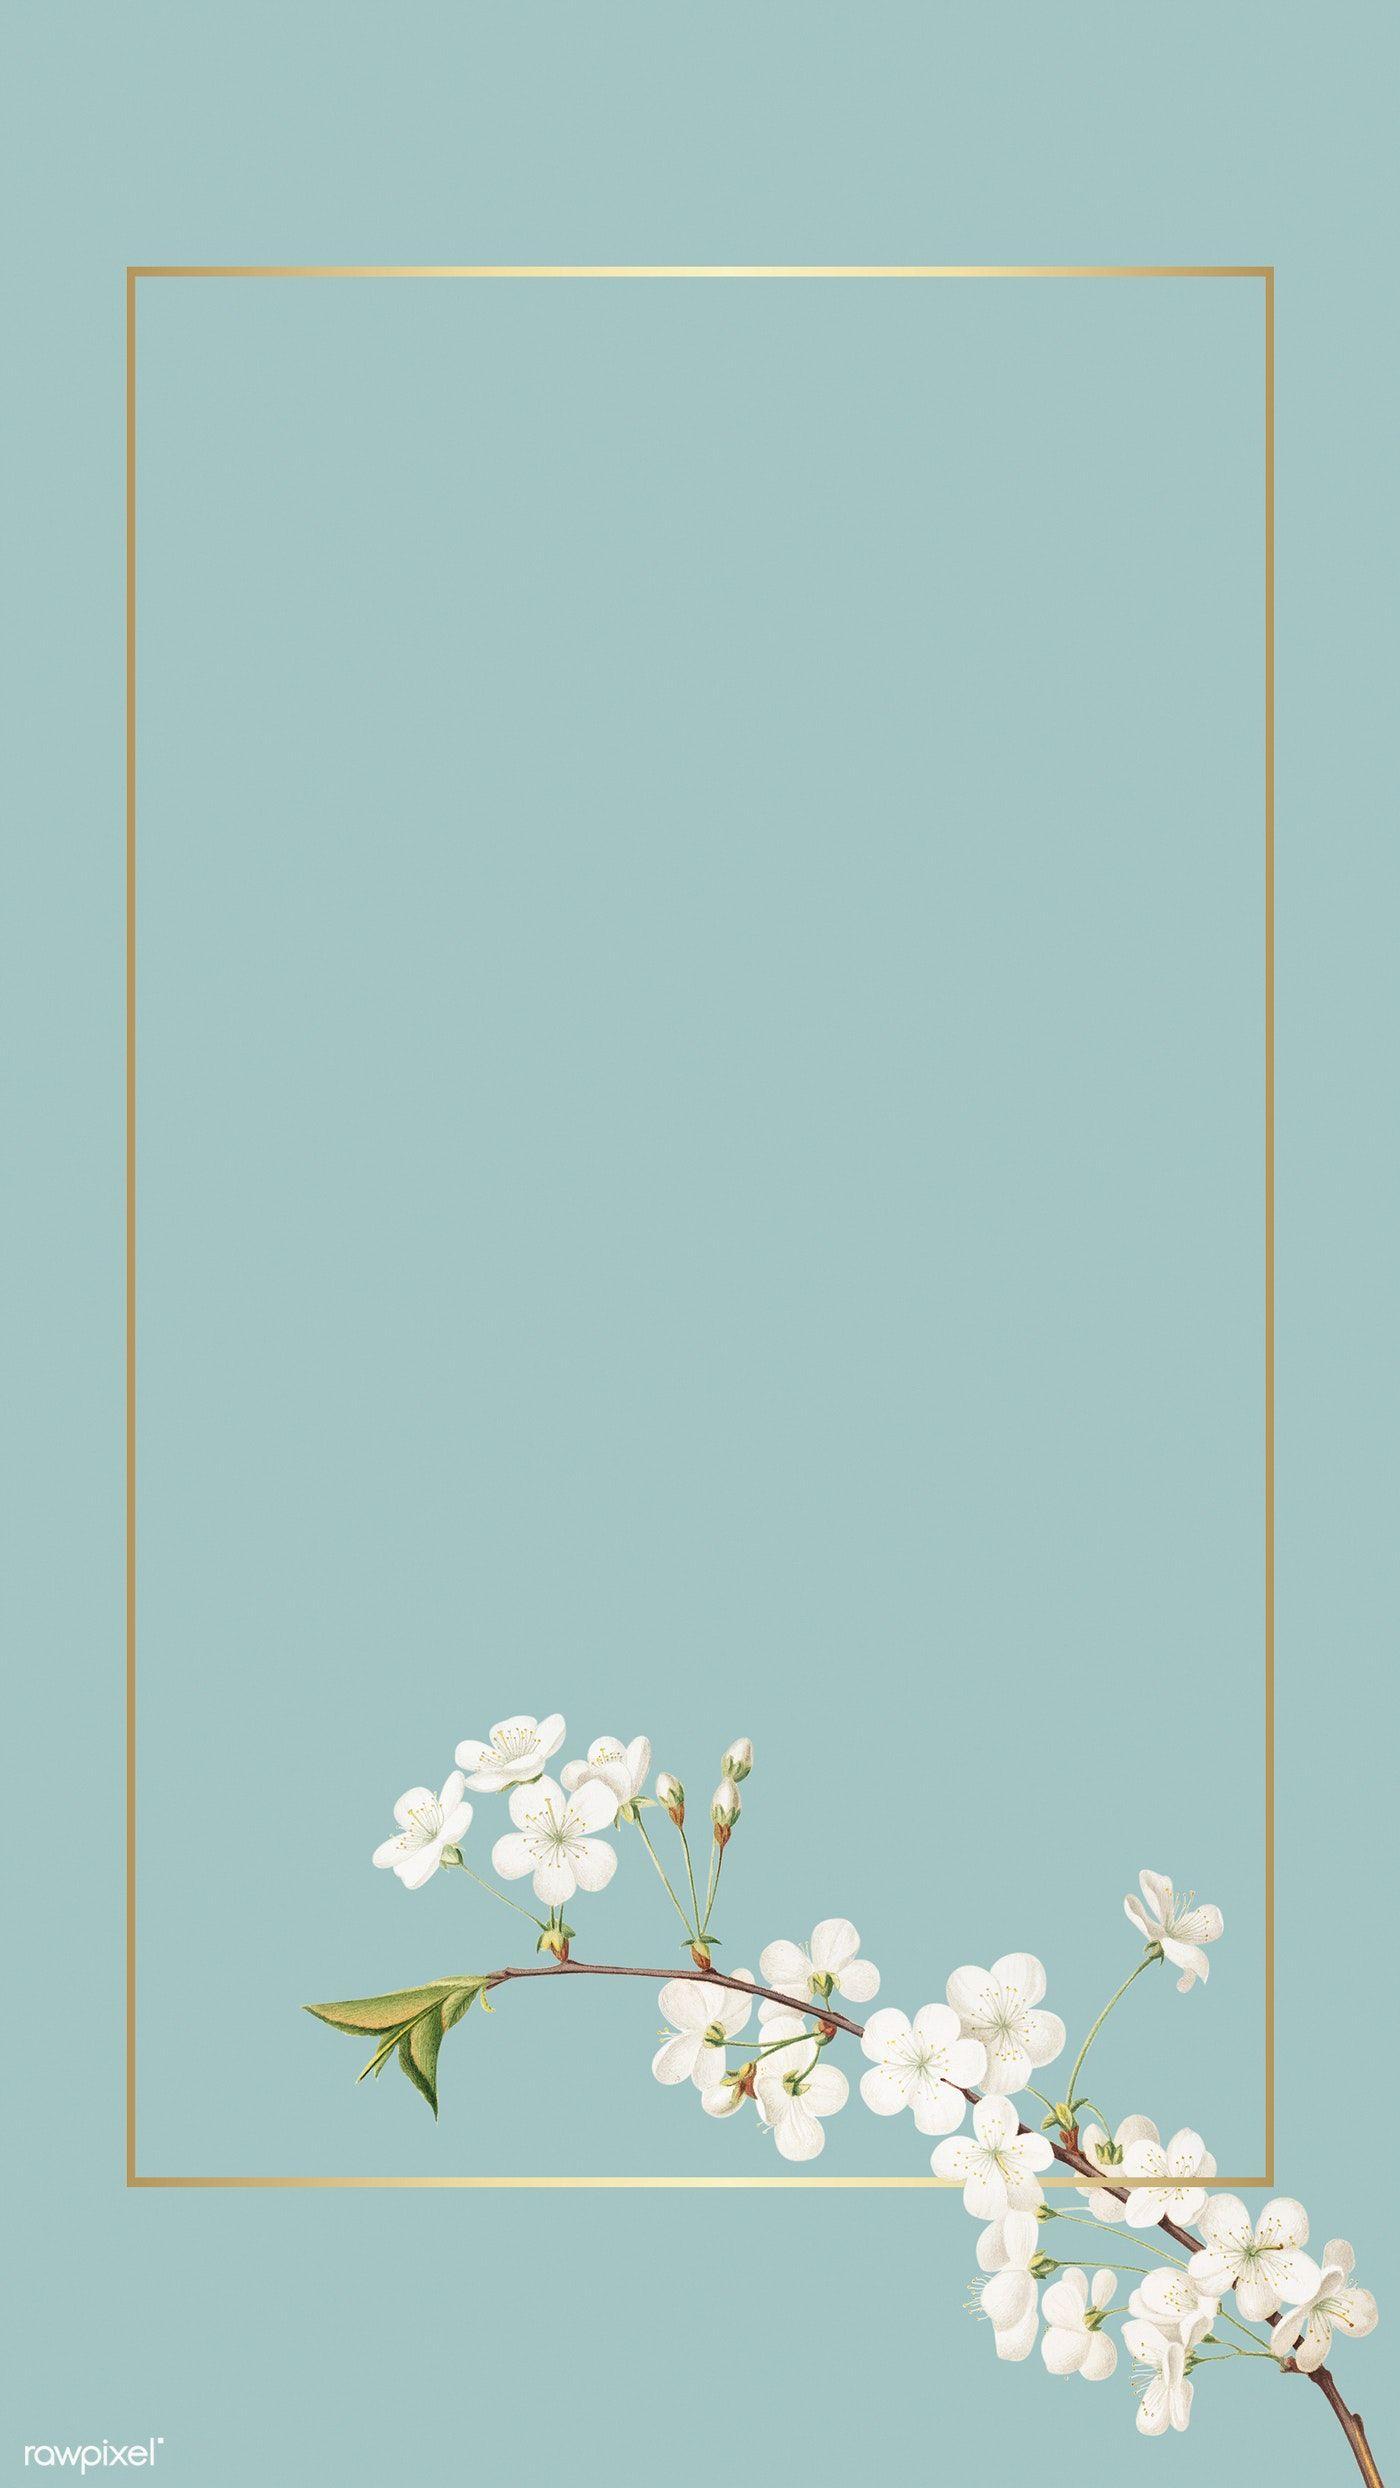 Tiny white flower on turquoise background mockup illustration | premium image by rawpixel.com / Adj / HwangMangjoo